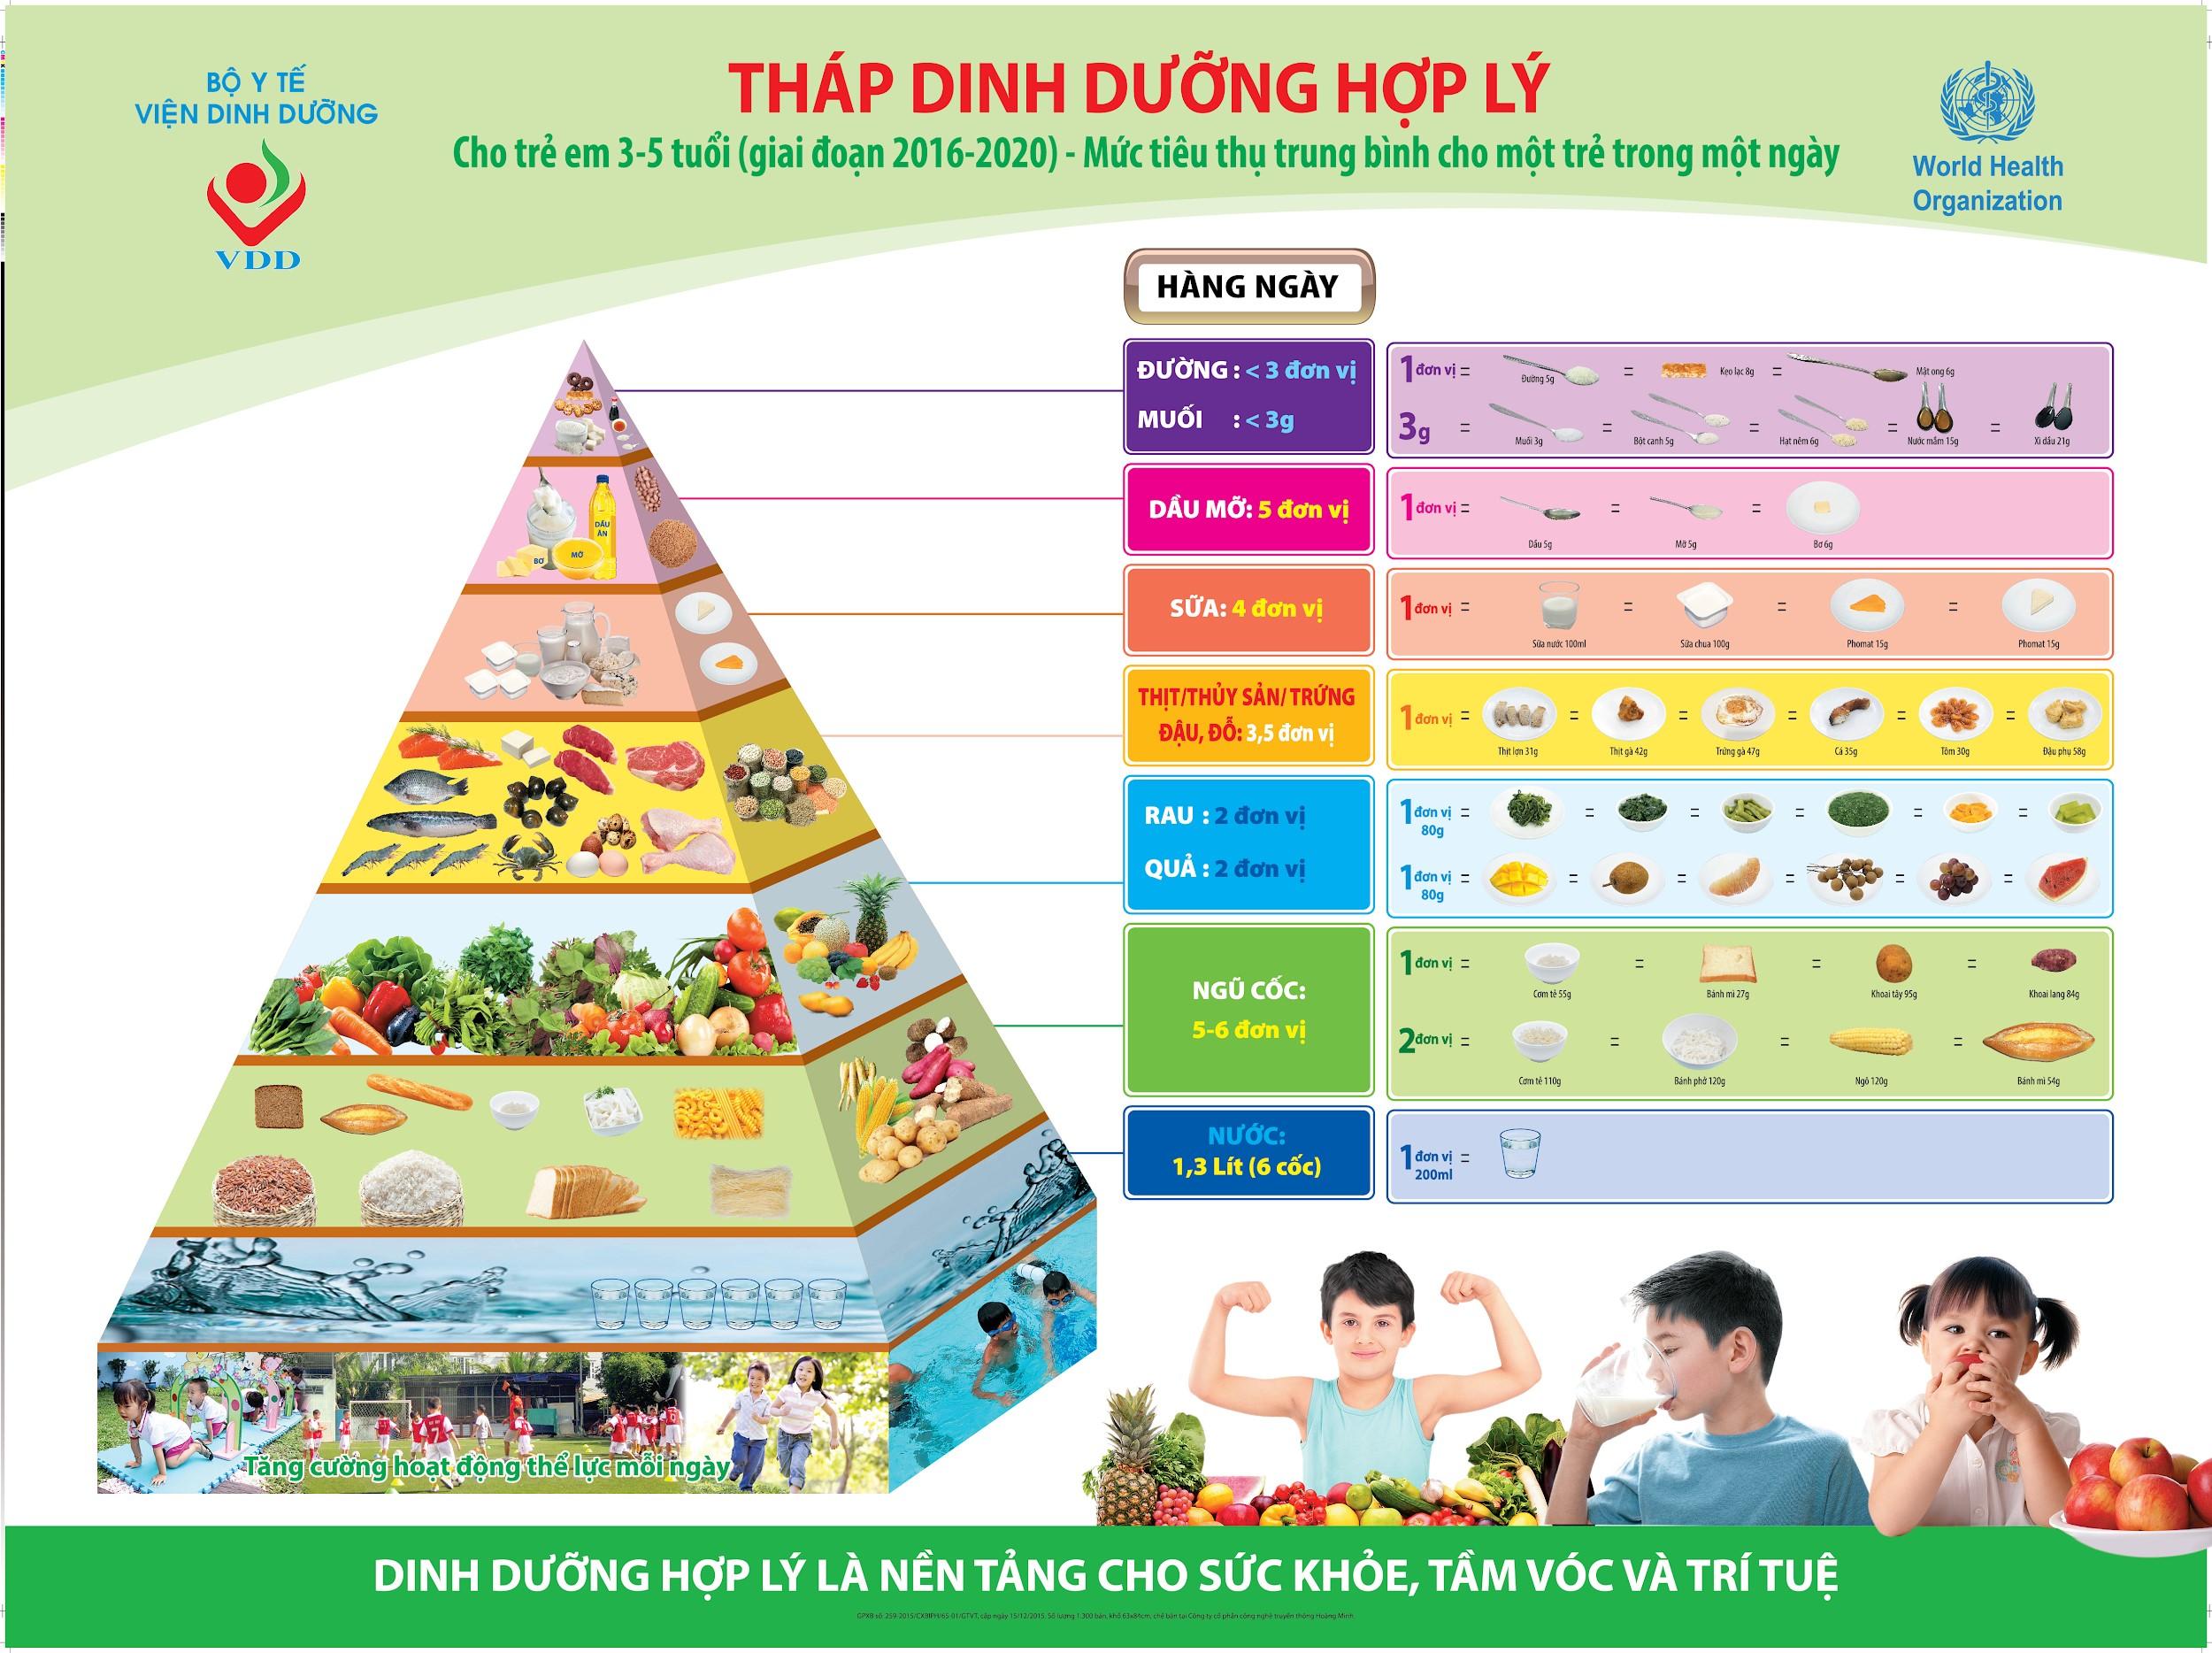 Tháp dinh dưỡng cho trẻ - Nguồn: Bộ Y tế